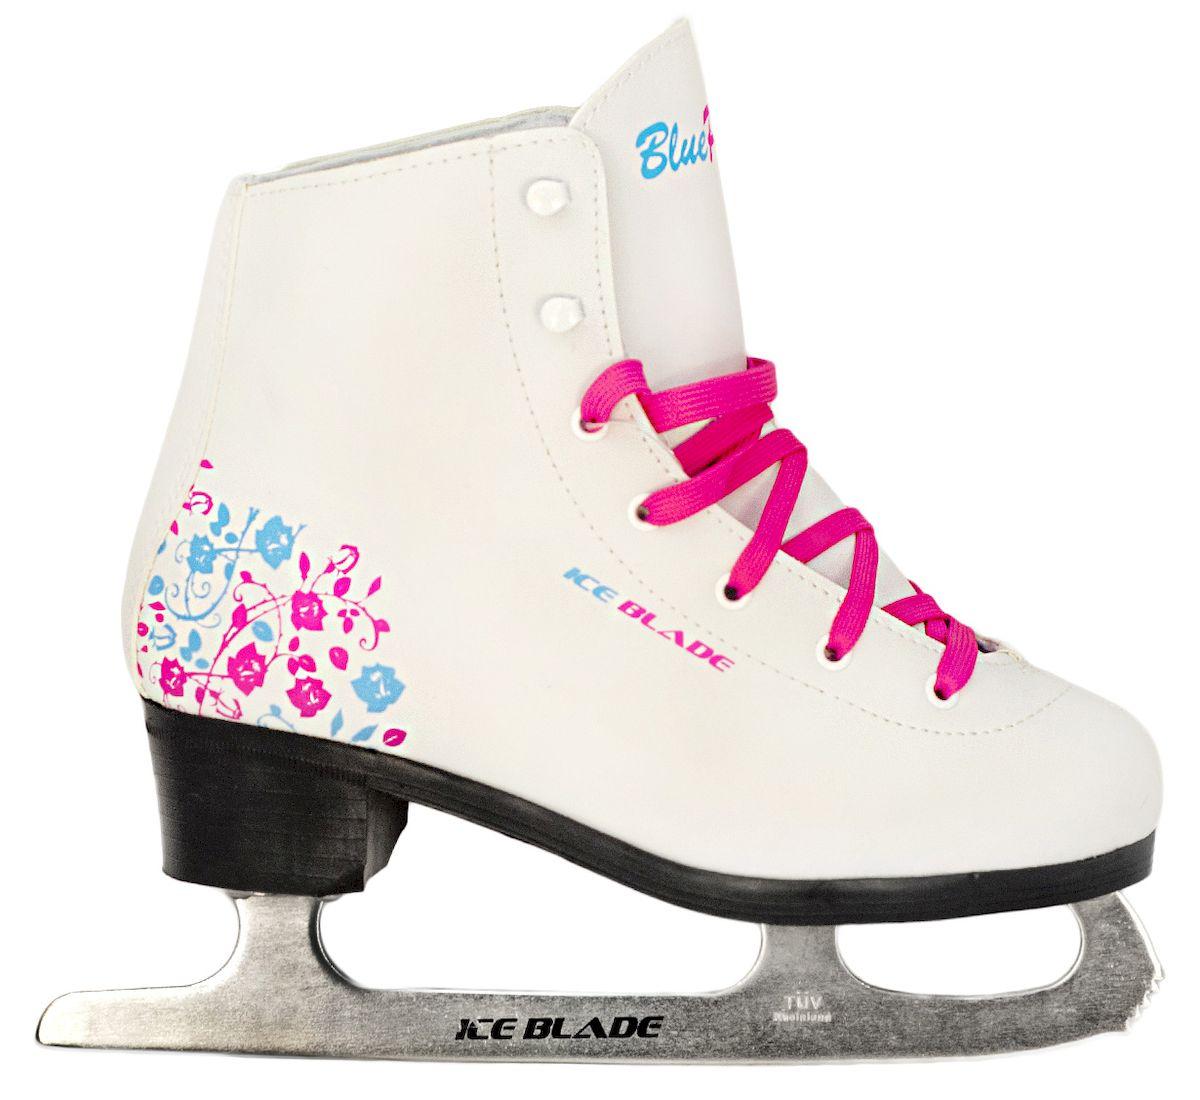 Коньки фигурные Ice Blade BluePink, цвет: белый, розовый, голубой. УТ-00006869. Размер 31УТ-00006869Коньки фигурные Ice Blade BluePink предназначены для любительского фигурного катания. Яркий и нестандартный дизайн модели BluePink совмещает голубой и розовый цвет. Более того, в комплекте помимо розовых шнурков идет пара голубых, пусть каждая любительница катания на коньках выберет для себя, какой цвет ей больше по душе.Ботинок анатомической конструкции выполнен из высококачественной искусственной кожи, покрытой полиуретаном, защищающим от влаги. Внутренняя набивка из специального материала, комфортно адаптирующегося к форме ноги. Внутренняя отделка из мягкого вельвета.Лезвия изготовлены из высокоуглеродистой стали, сертифицированной TUV Rheiland. Коньки поставляются с заводской заточкой лезвия, что позволяет сразу приступить к катанию, не тратя время и денег на заточку. Коньки подходят для использования на открытом и закрытом льду.